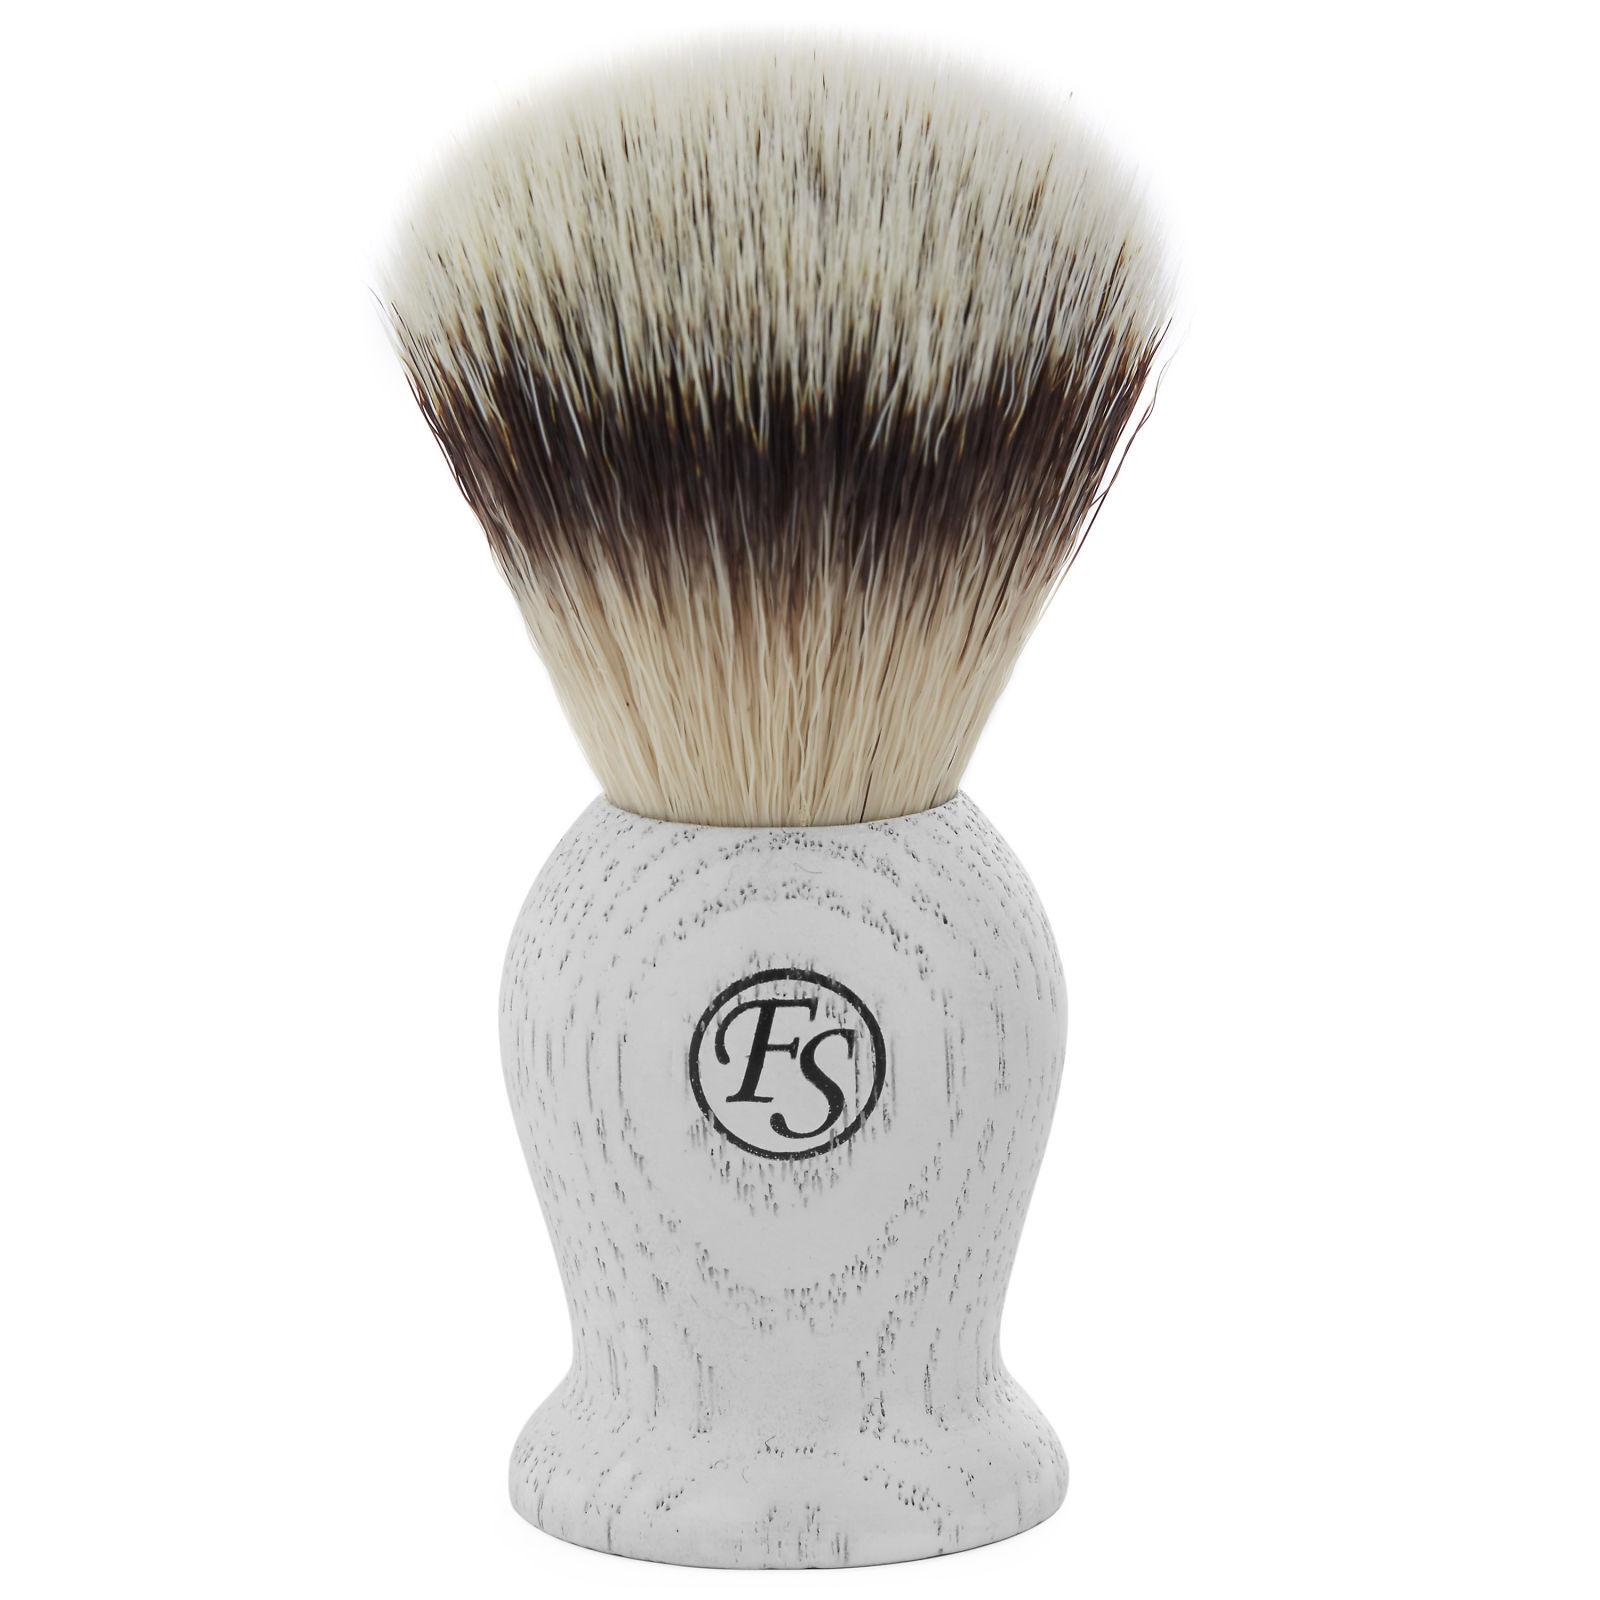 Frank Shaving Vintagehenkinen partasuti synteettisillä harjaksilla